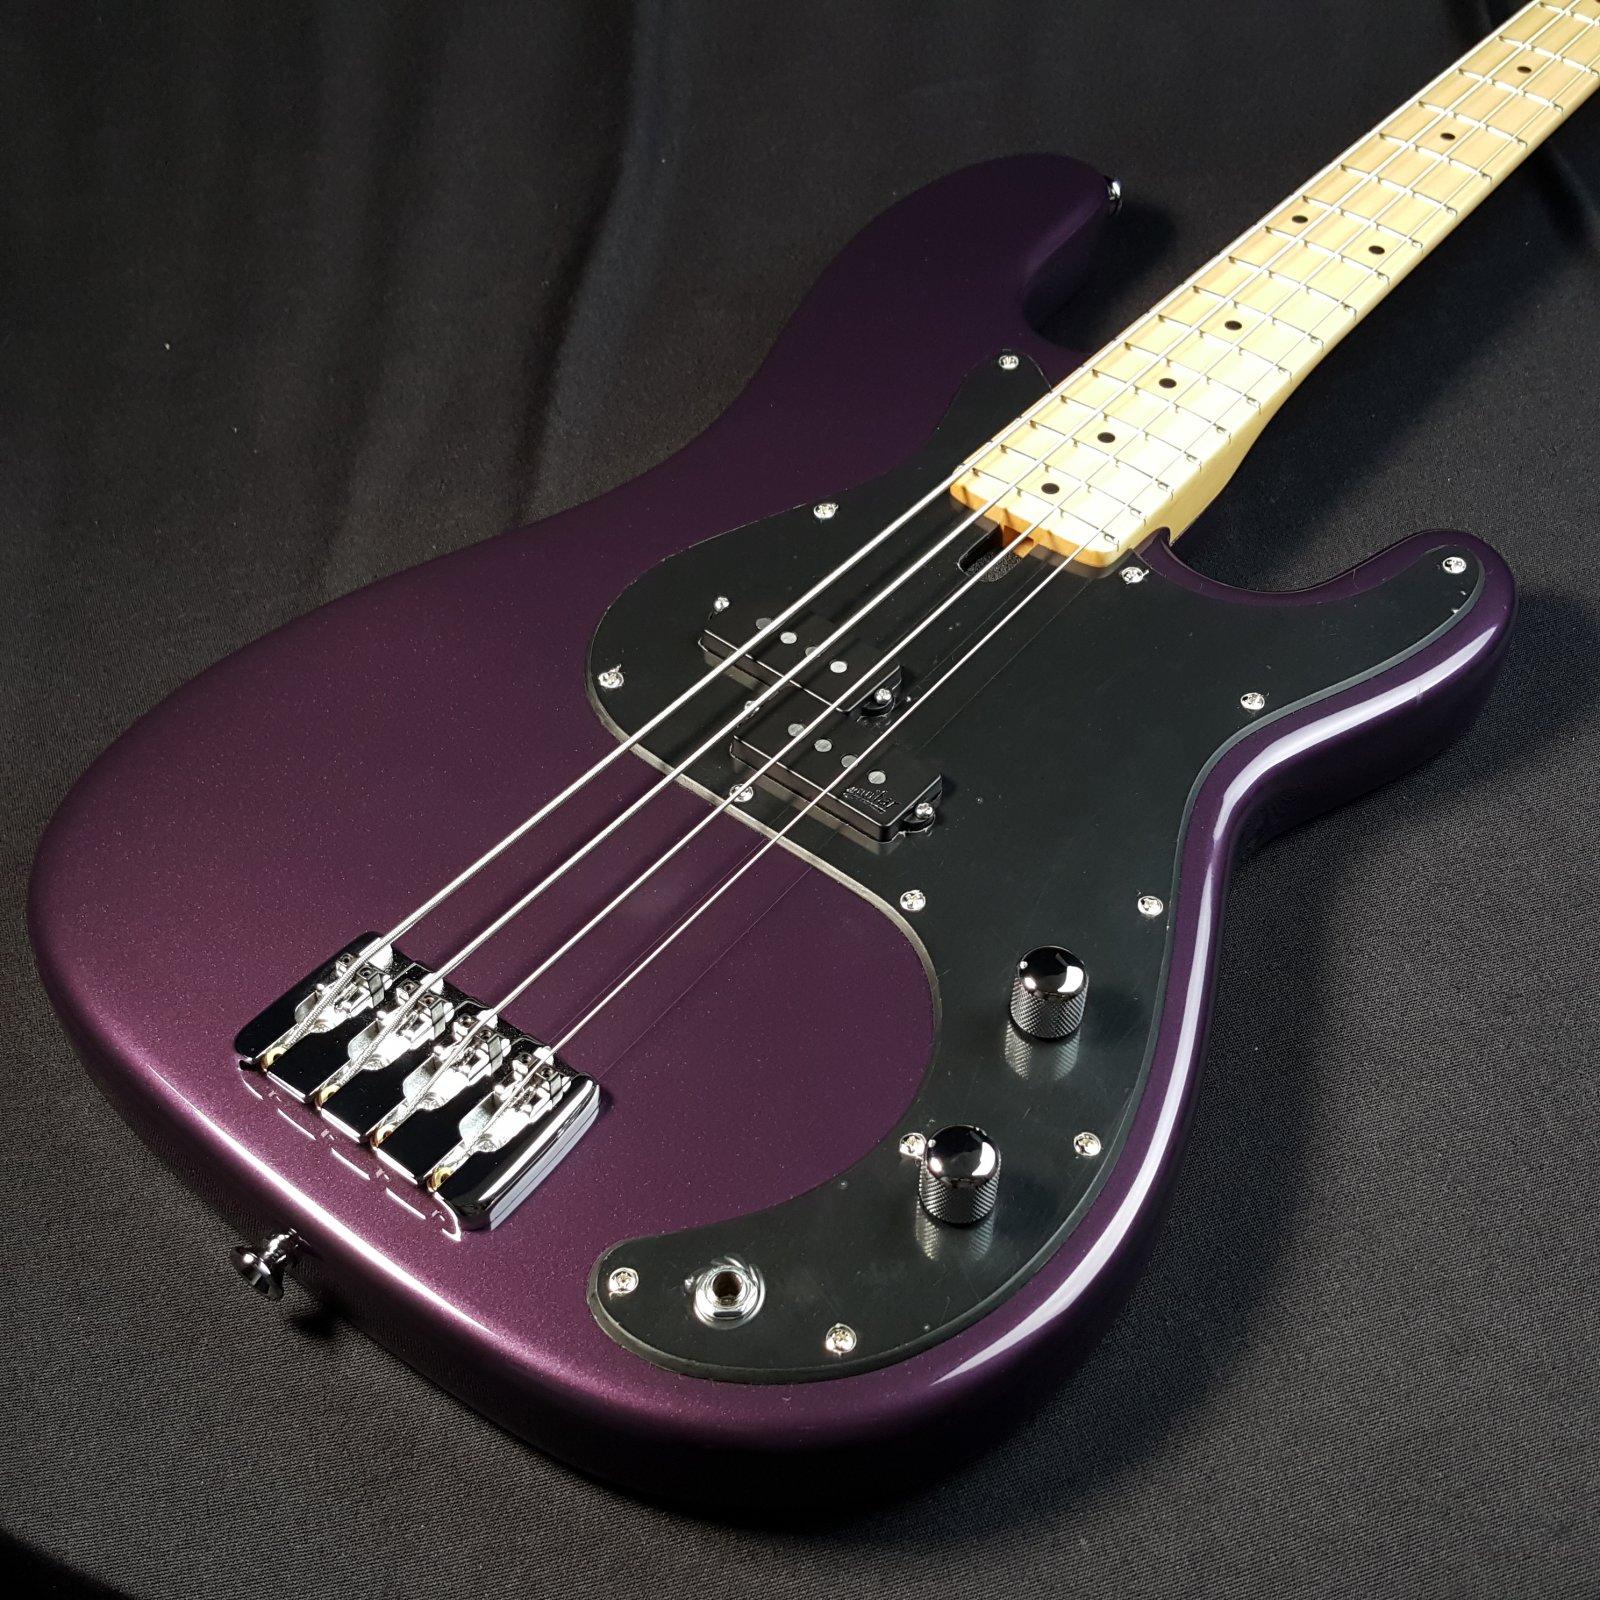 2019 Maruszczyk Jake C Metallic Purple 4 String Bass w/Maruszczyk Gig Bag 7lb 11.5oz